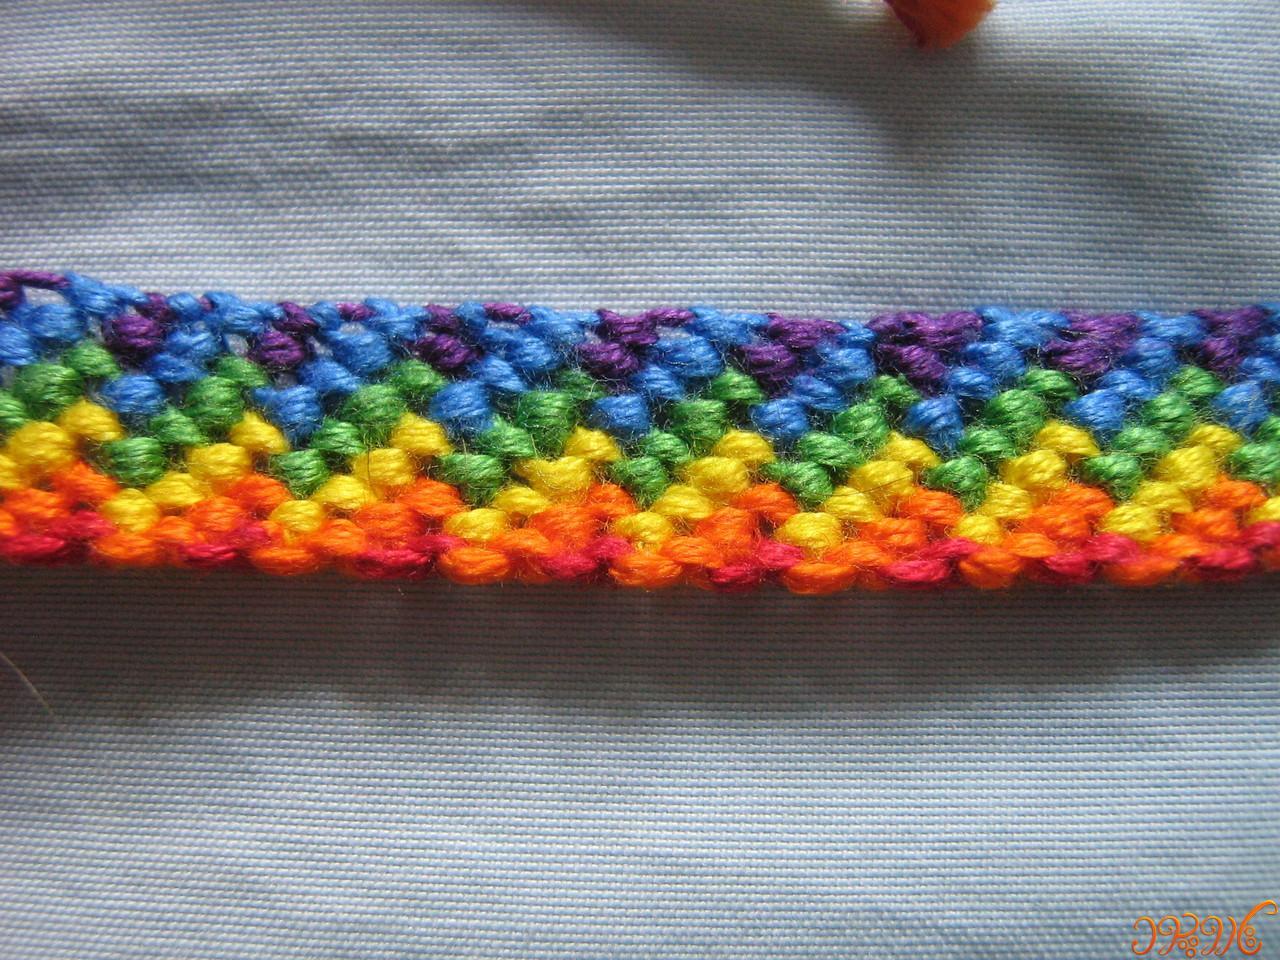 آموزش دستبند دوستی زیبا ی رنگین کمان